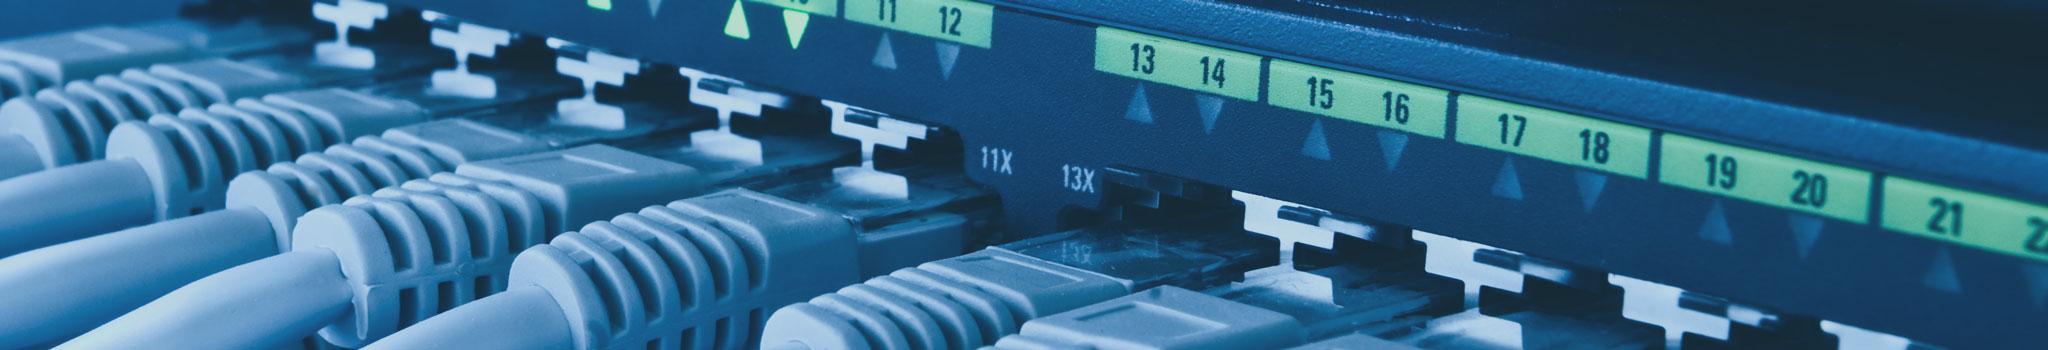 Faxen via internet | eLive